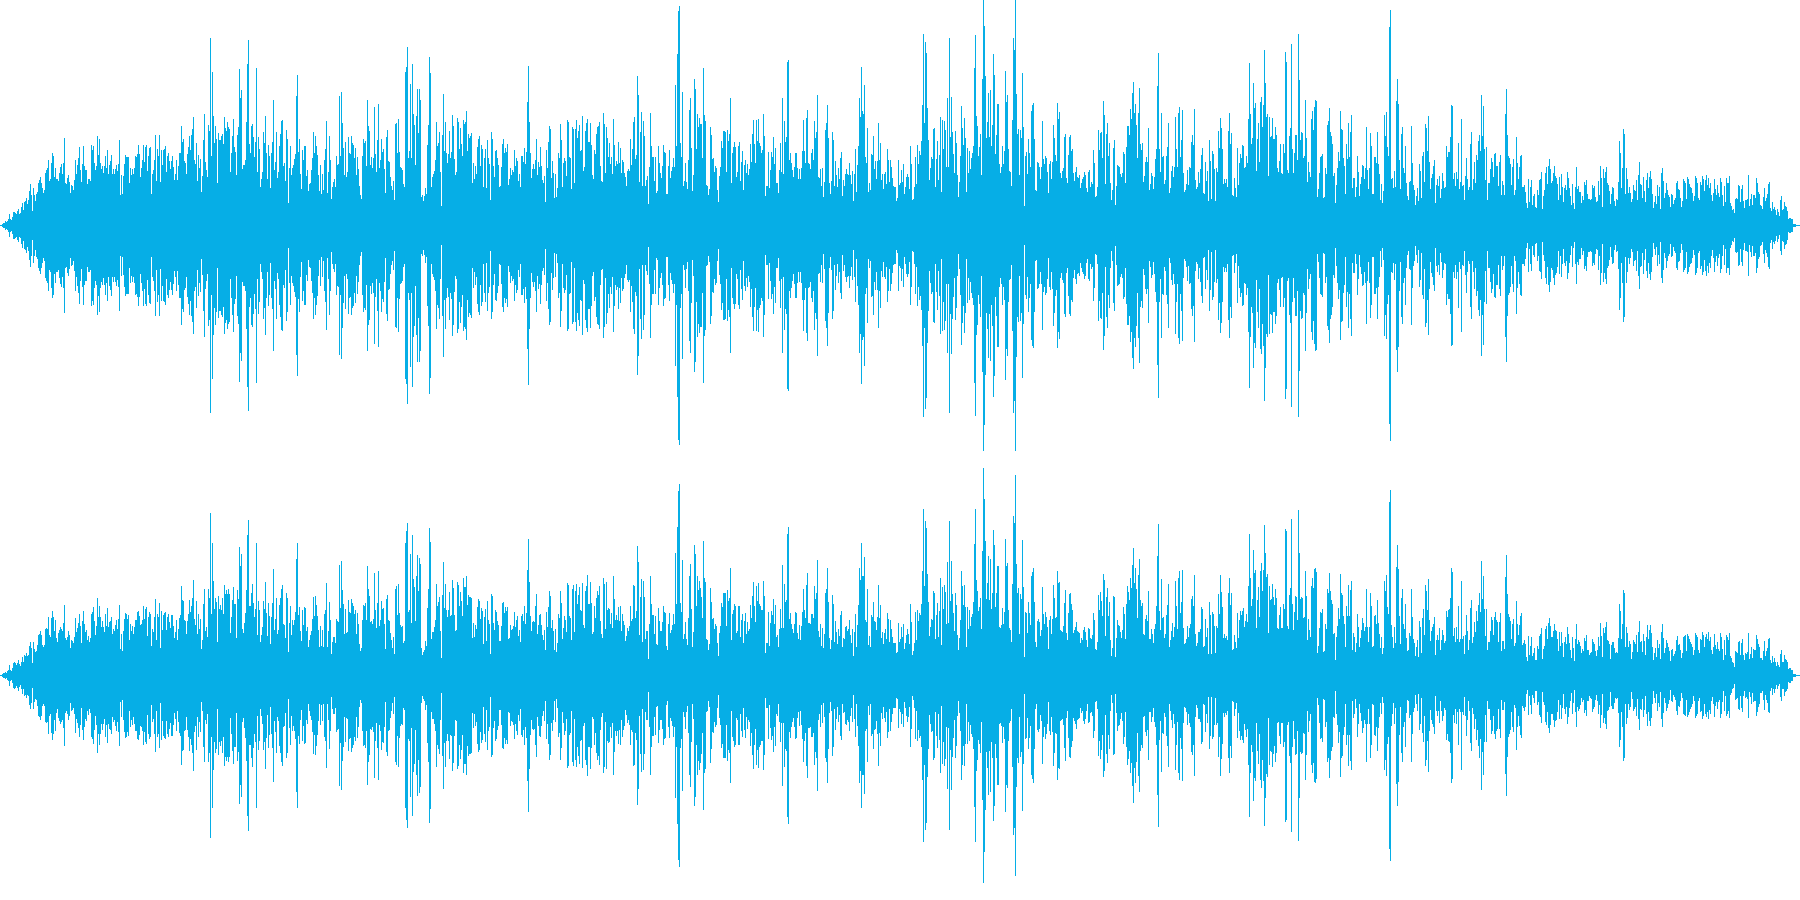 ゴー...(飛行機、戦闘機、環境音)の再生済みの波形